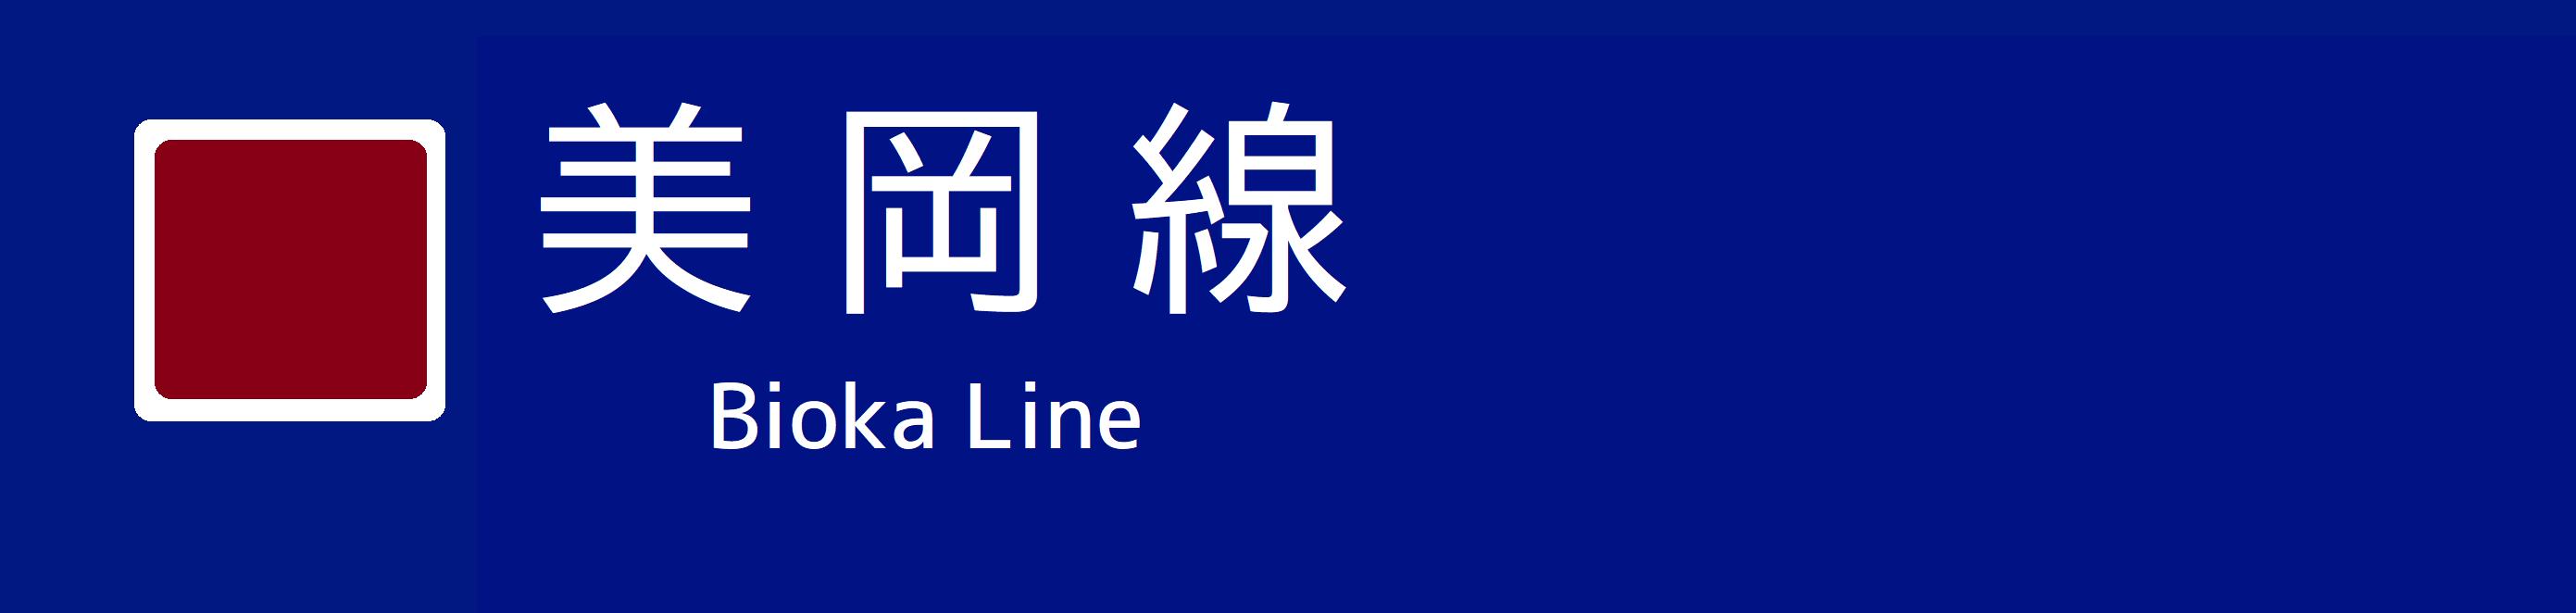 美岡線.png